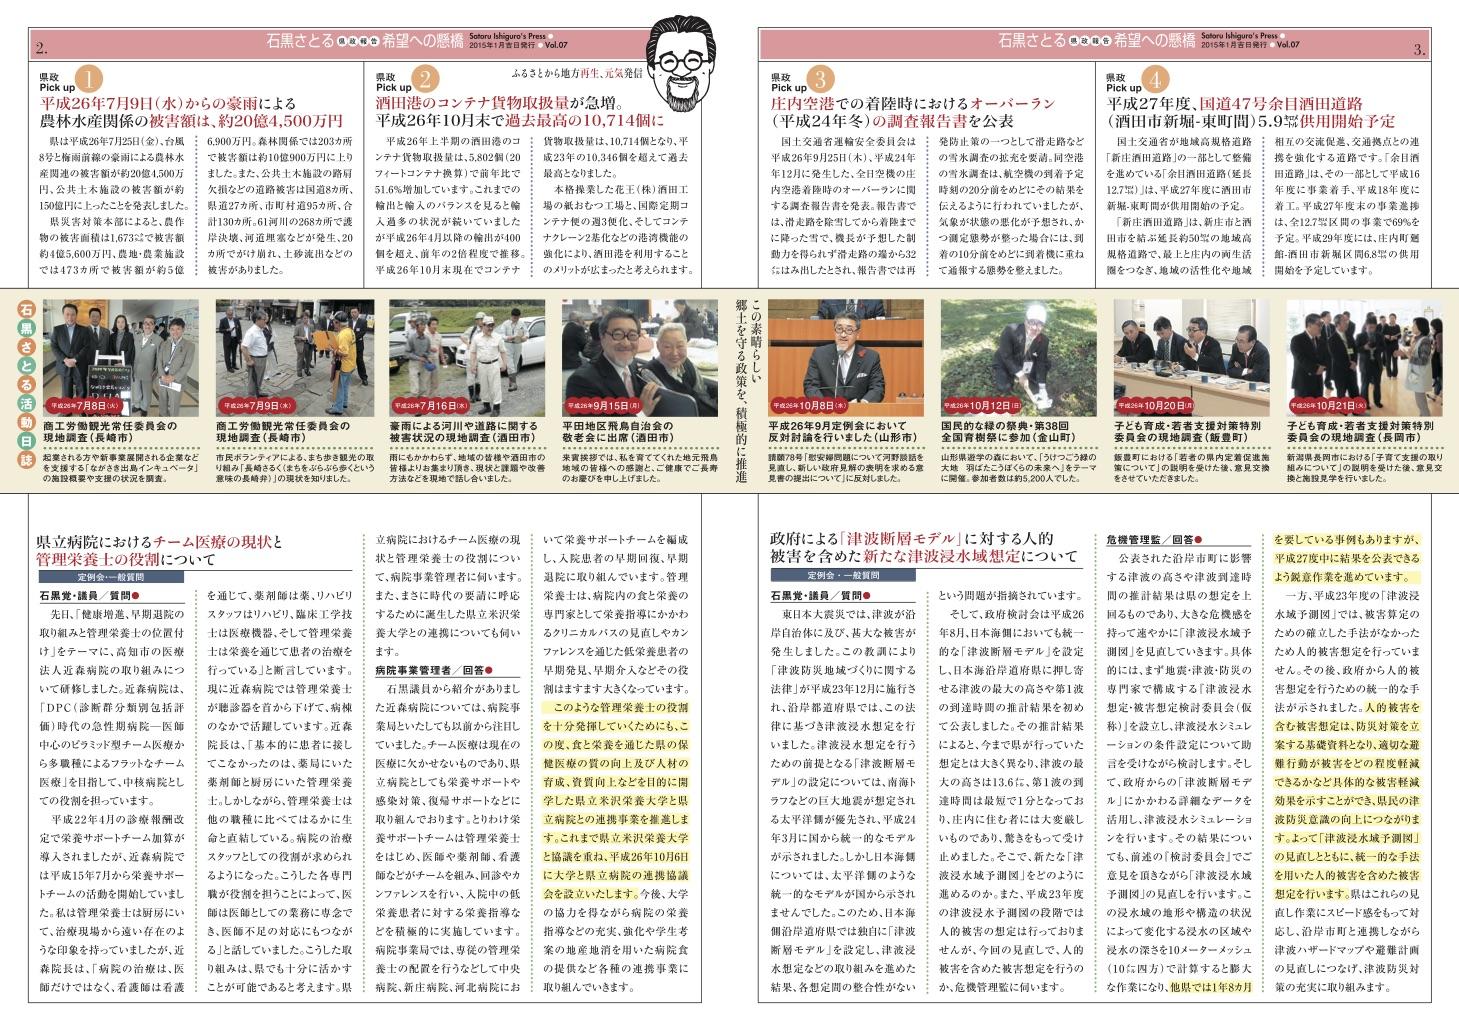 vol07石黒県政2頁3頁